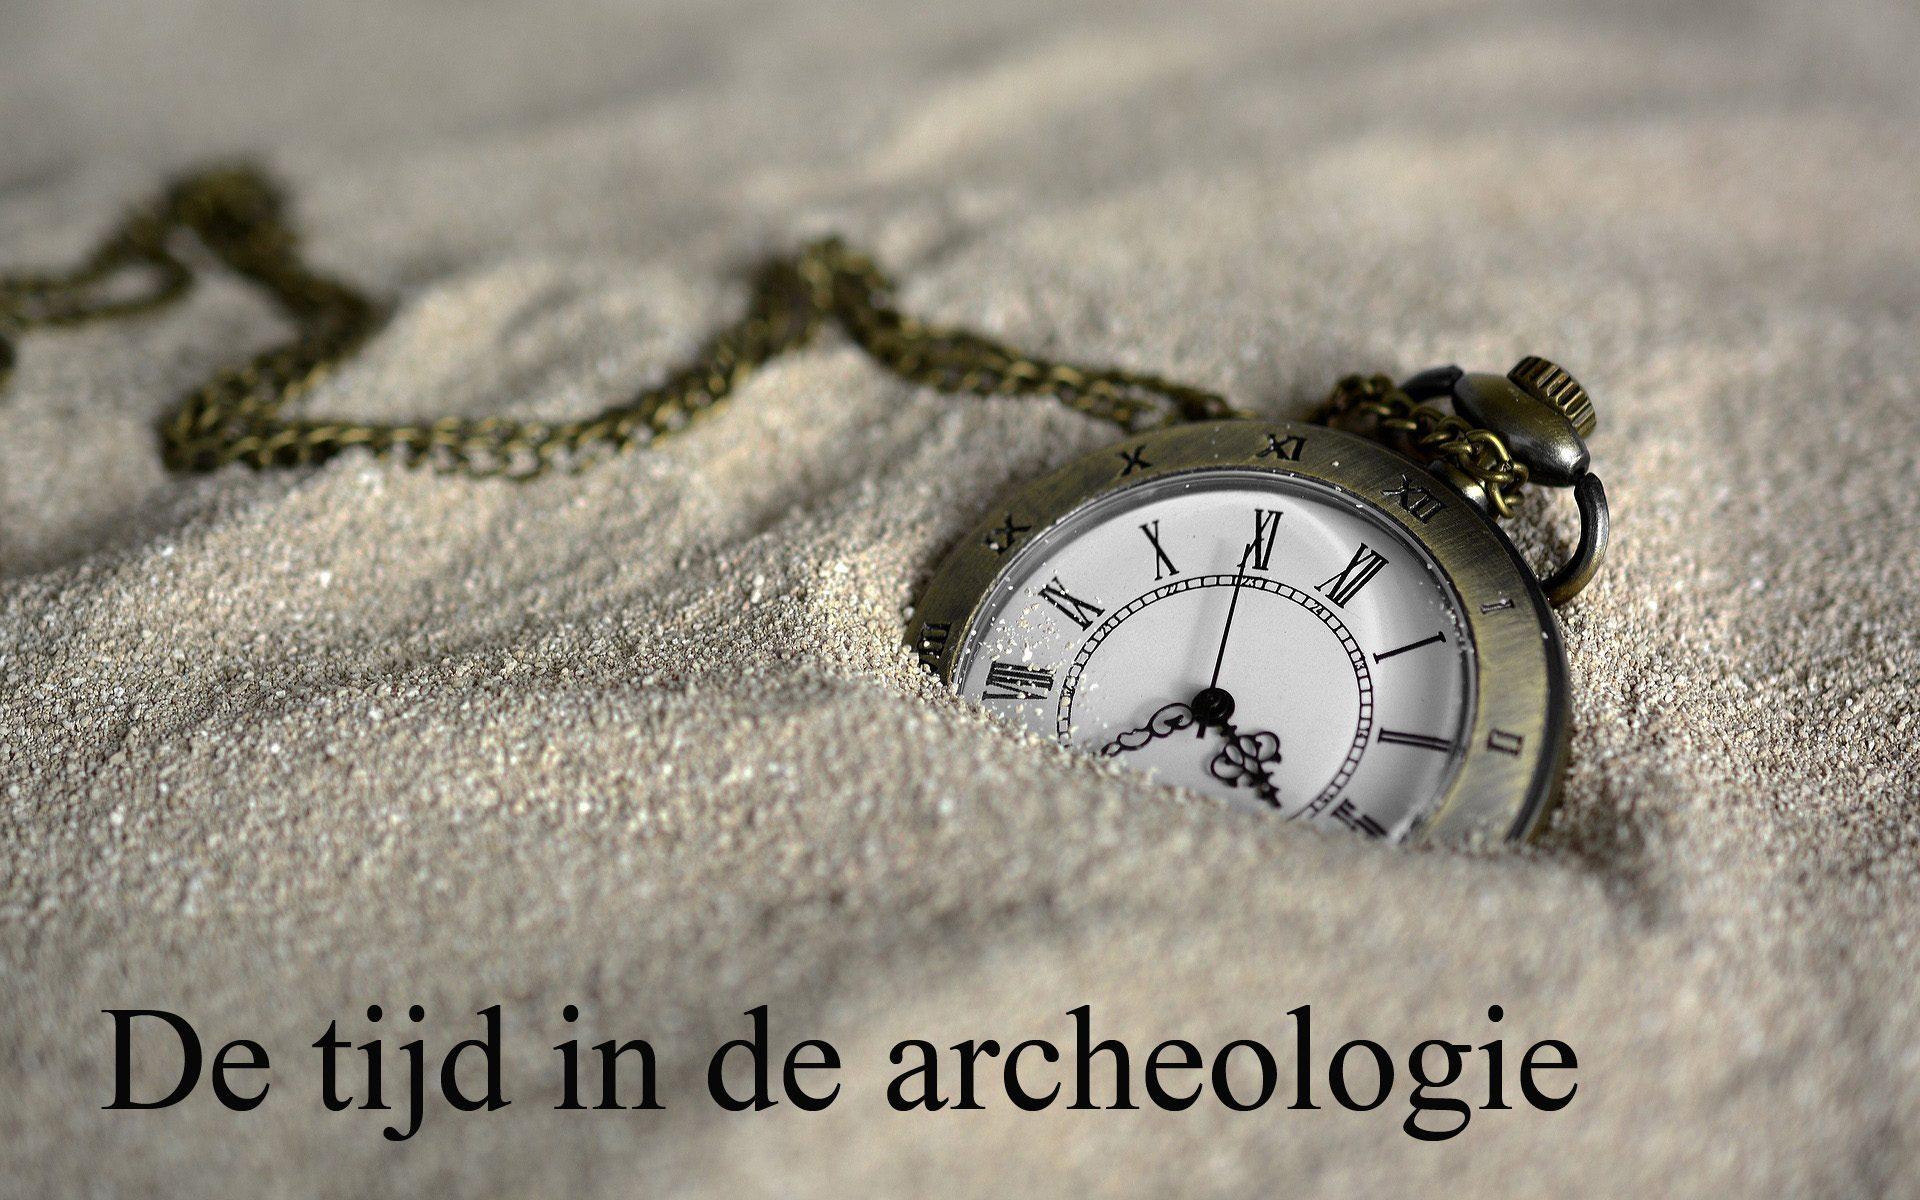 Half begraven zakhorloge. De tijd in de archeologie